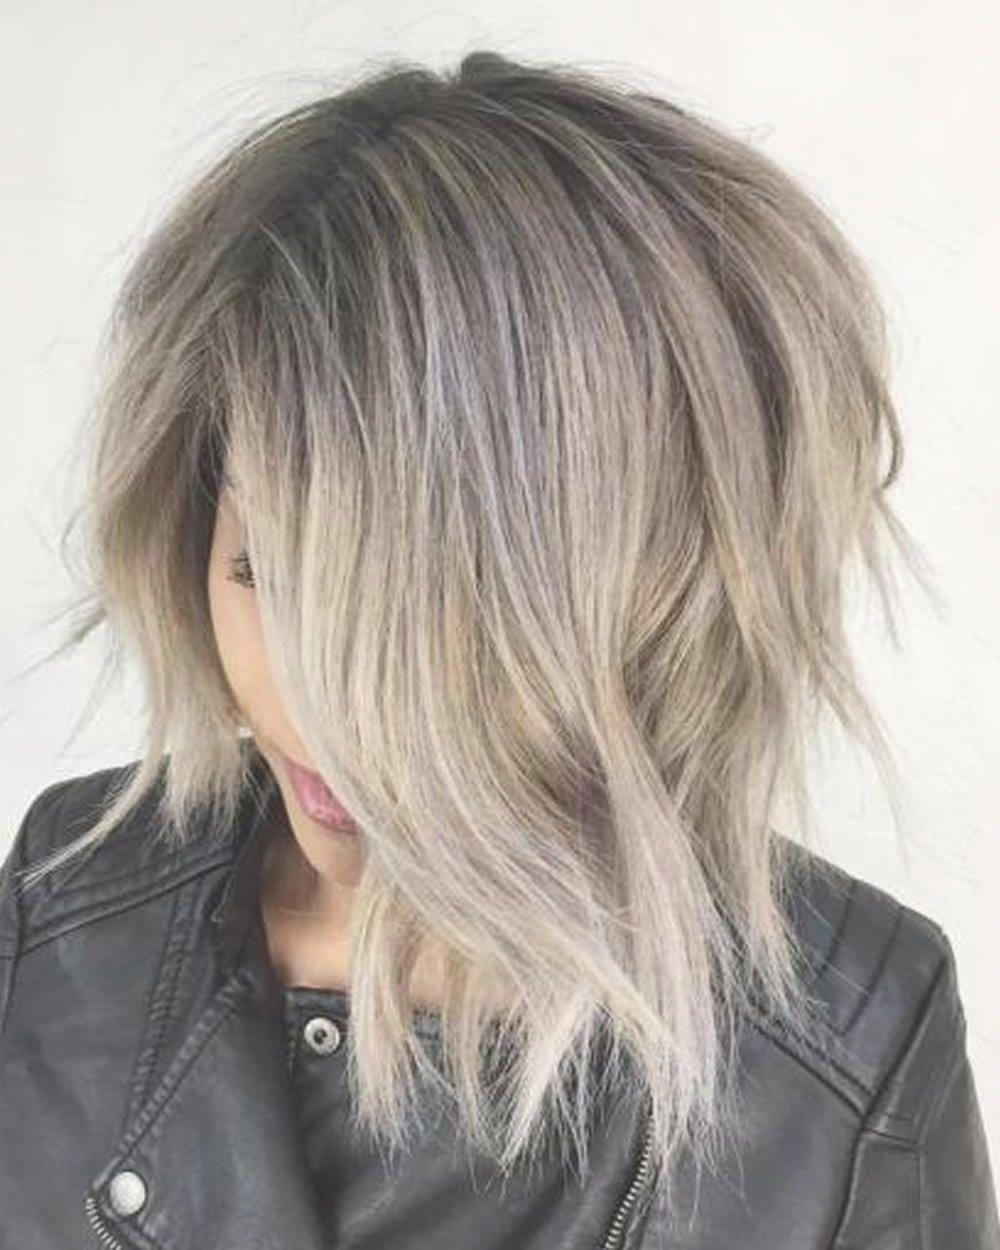 Kurze Haarschnitte für Frauen Bob Pixie Style Frisuren